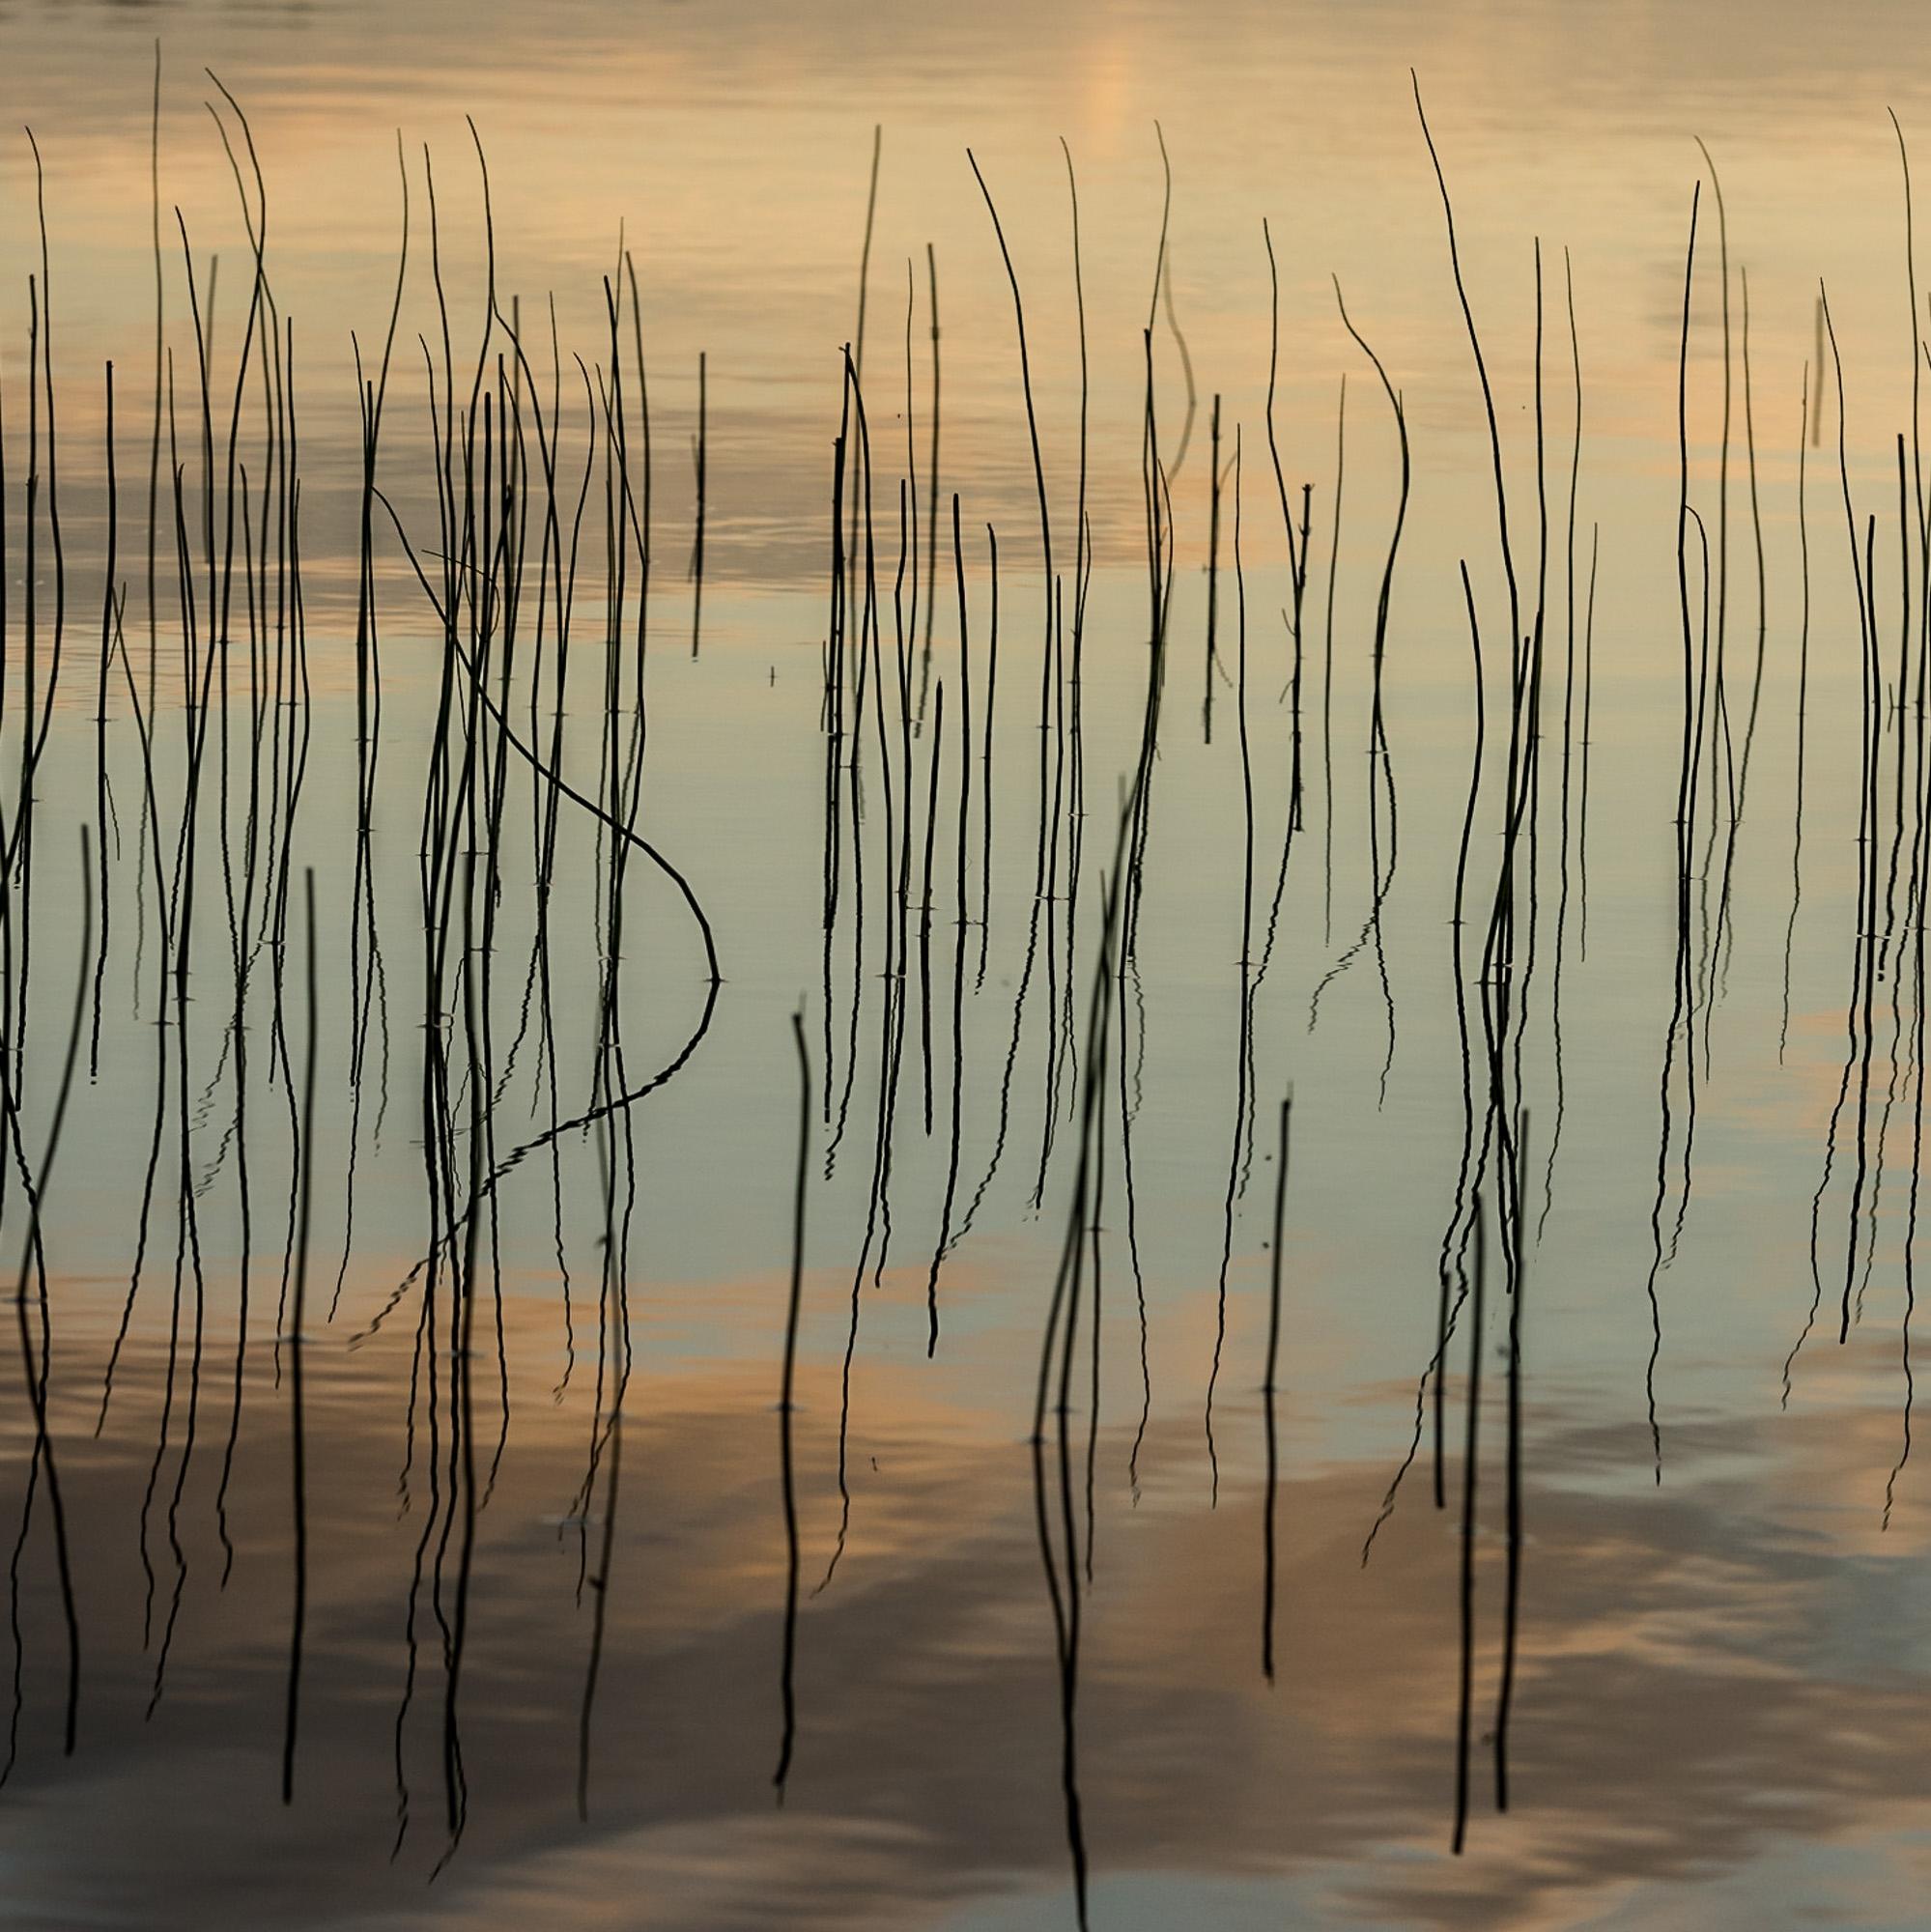 summer textures - nature, natureart - peter_skoglund   ello